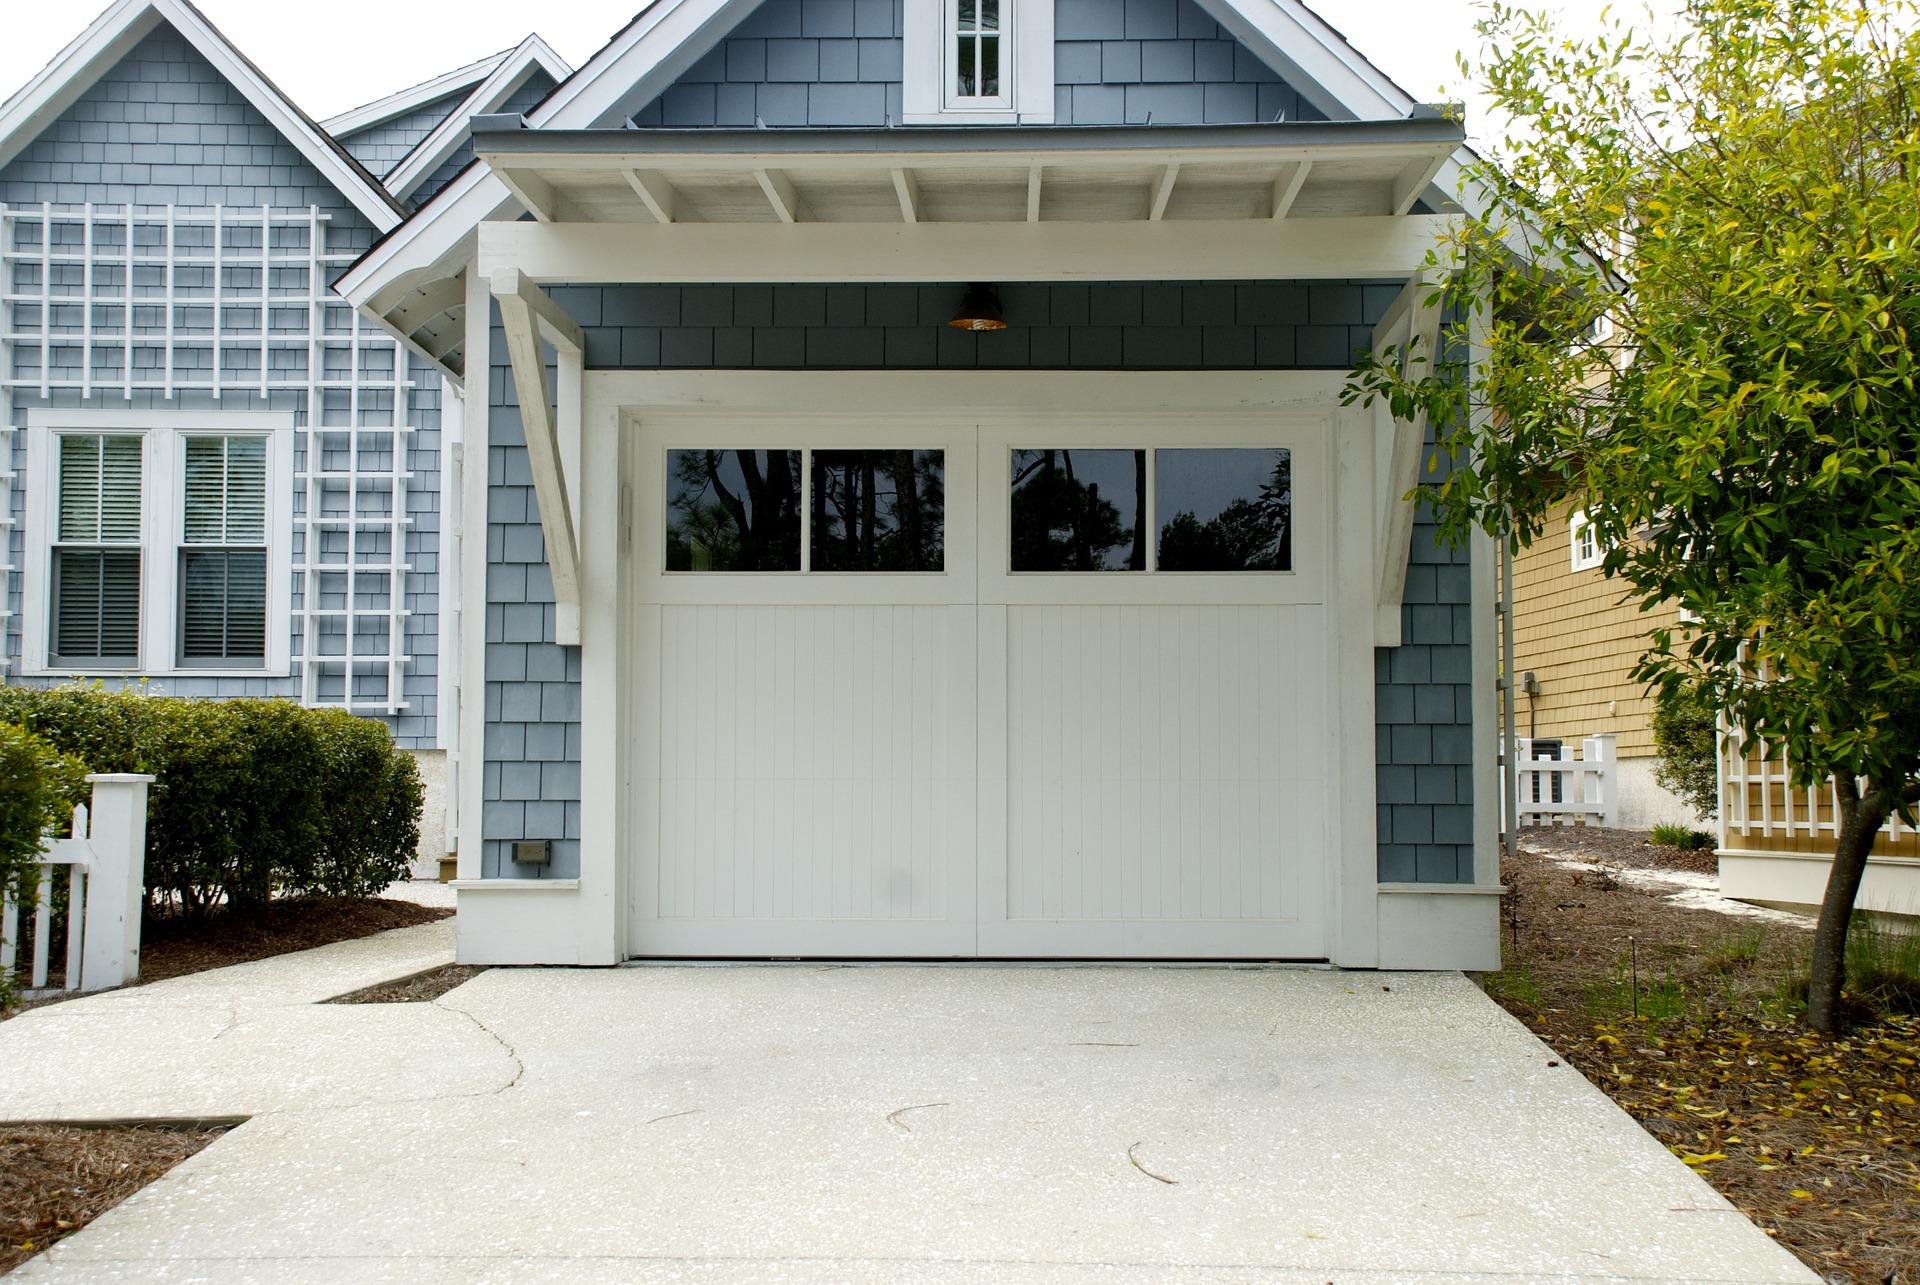 Bramy garażowe i ich rodzaje. Jakie drzwi garażowe wybrać?